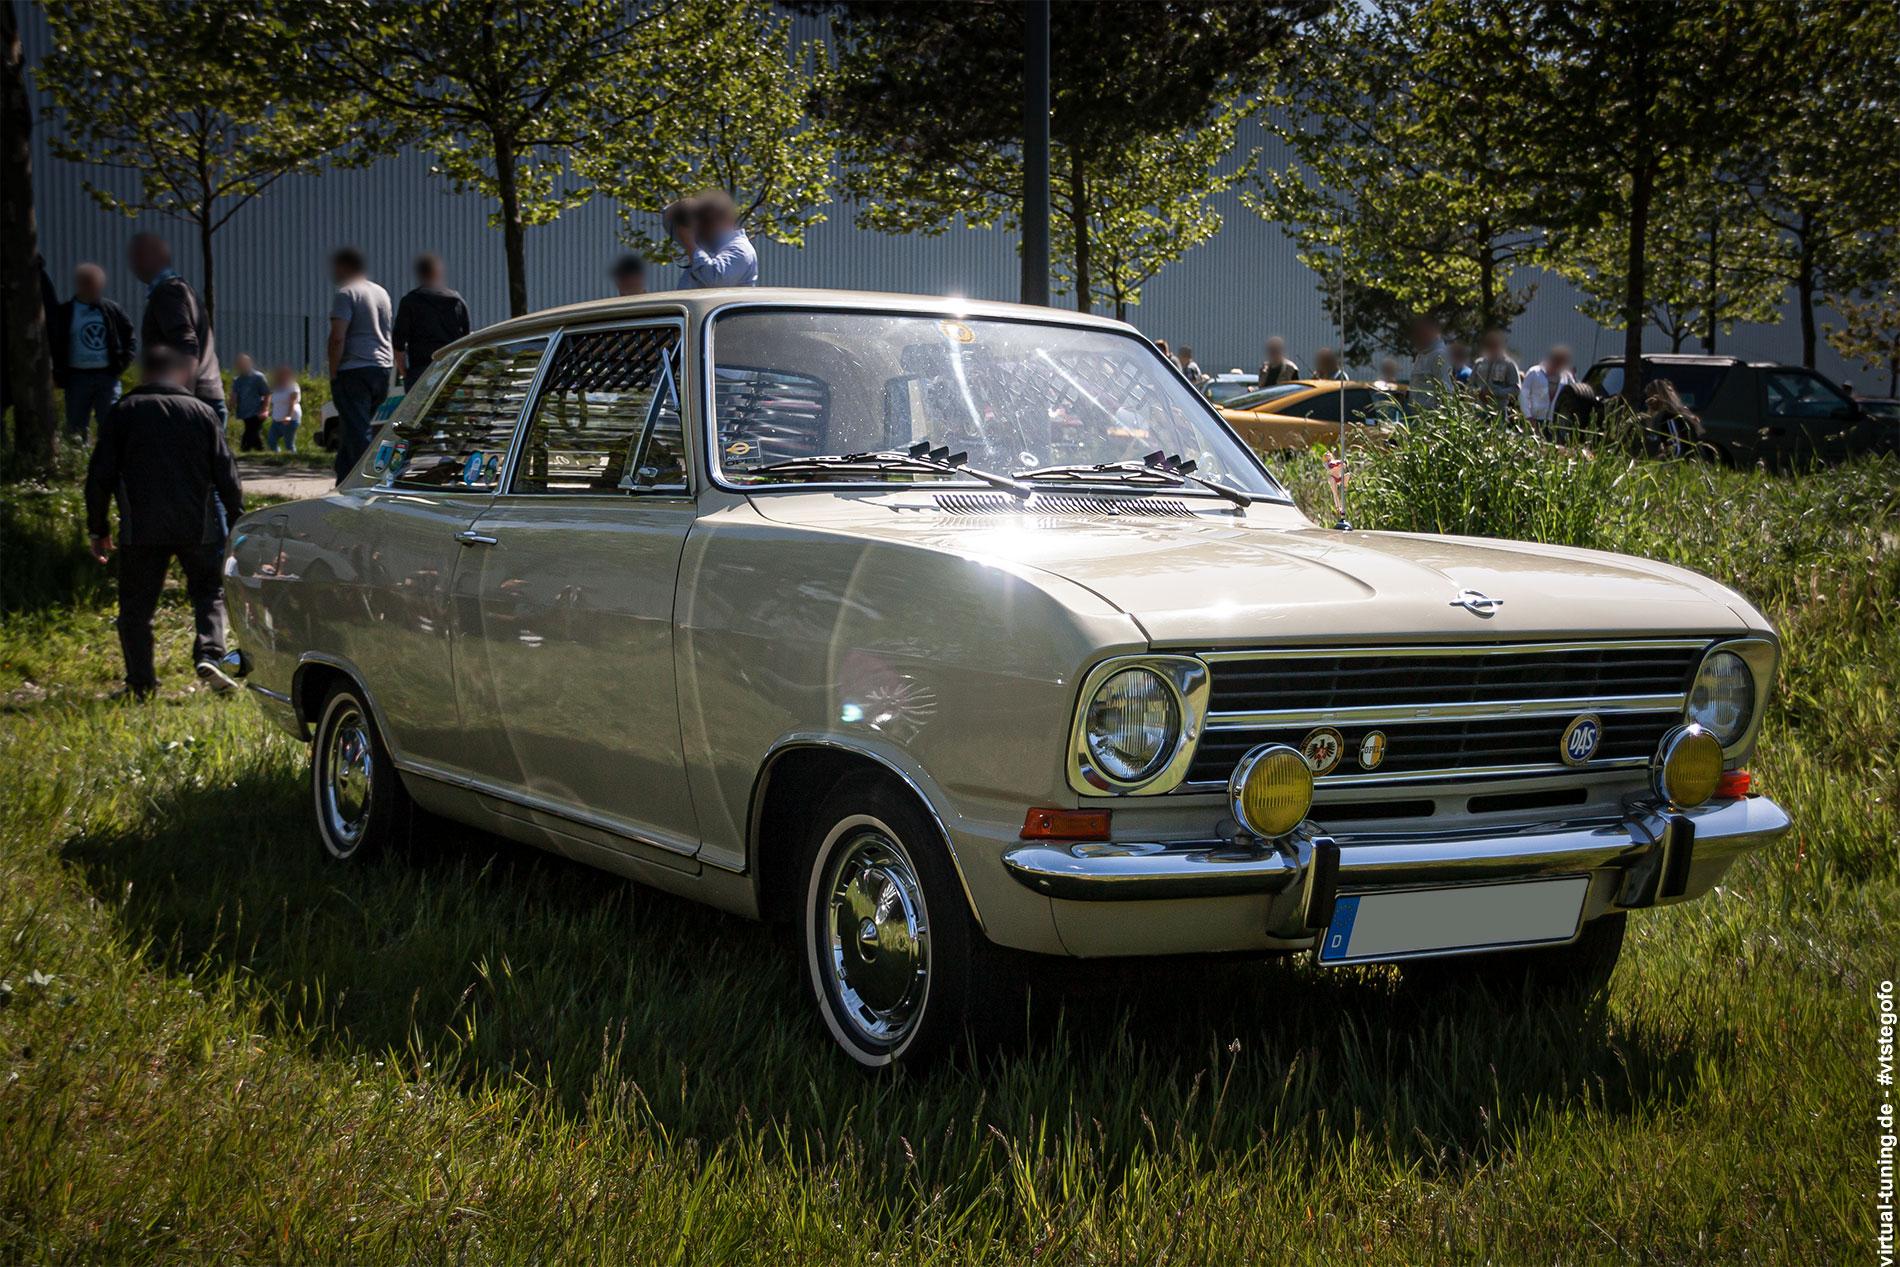 Opel Kadett B - Youngtimer Show (05.2015)